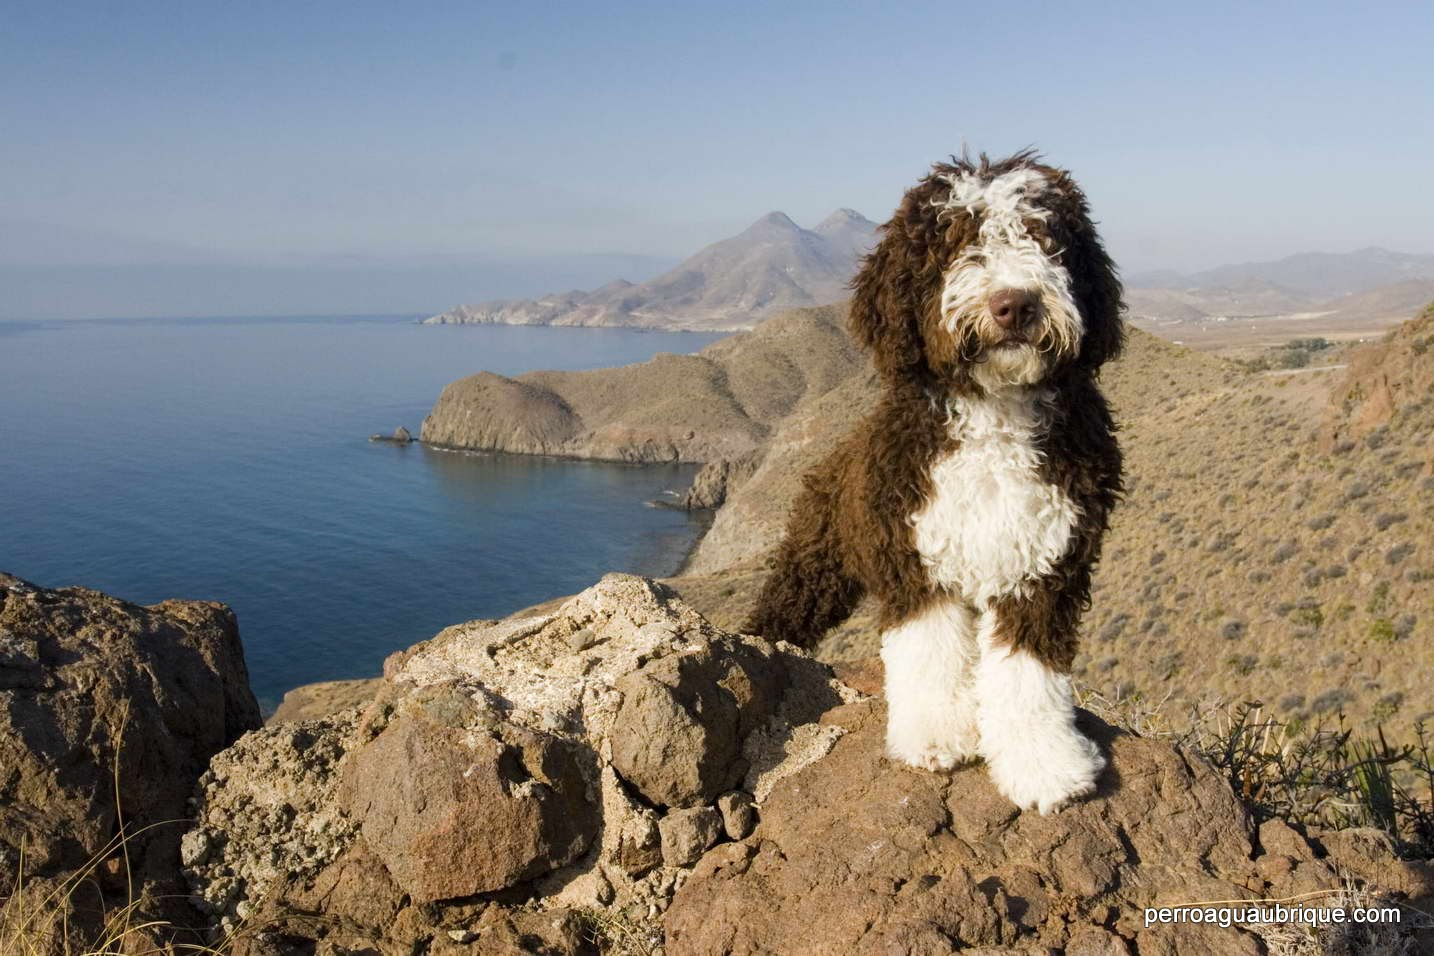 Faq perro de agua espa ol de ubrique - Cuando se puede banar a un perro ...